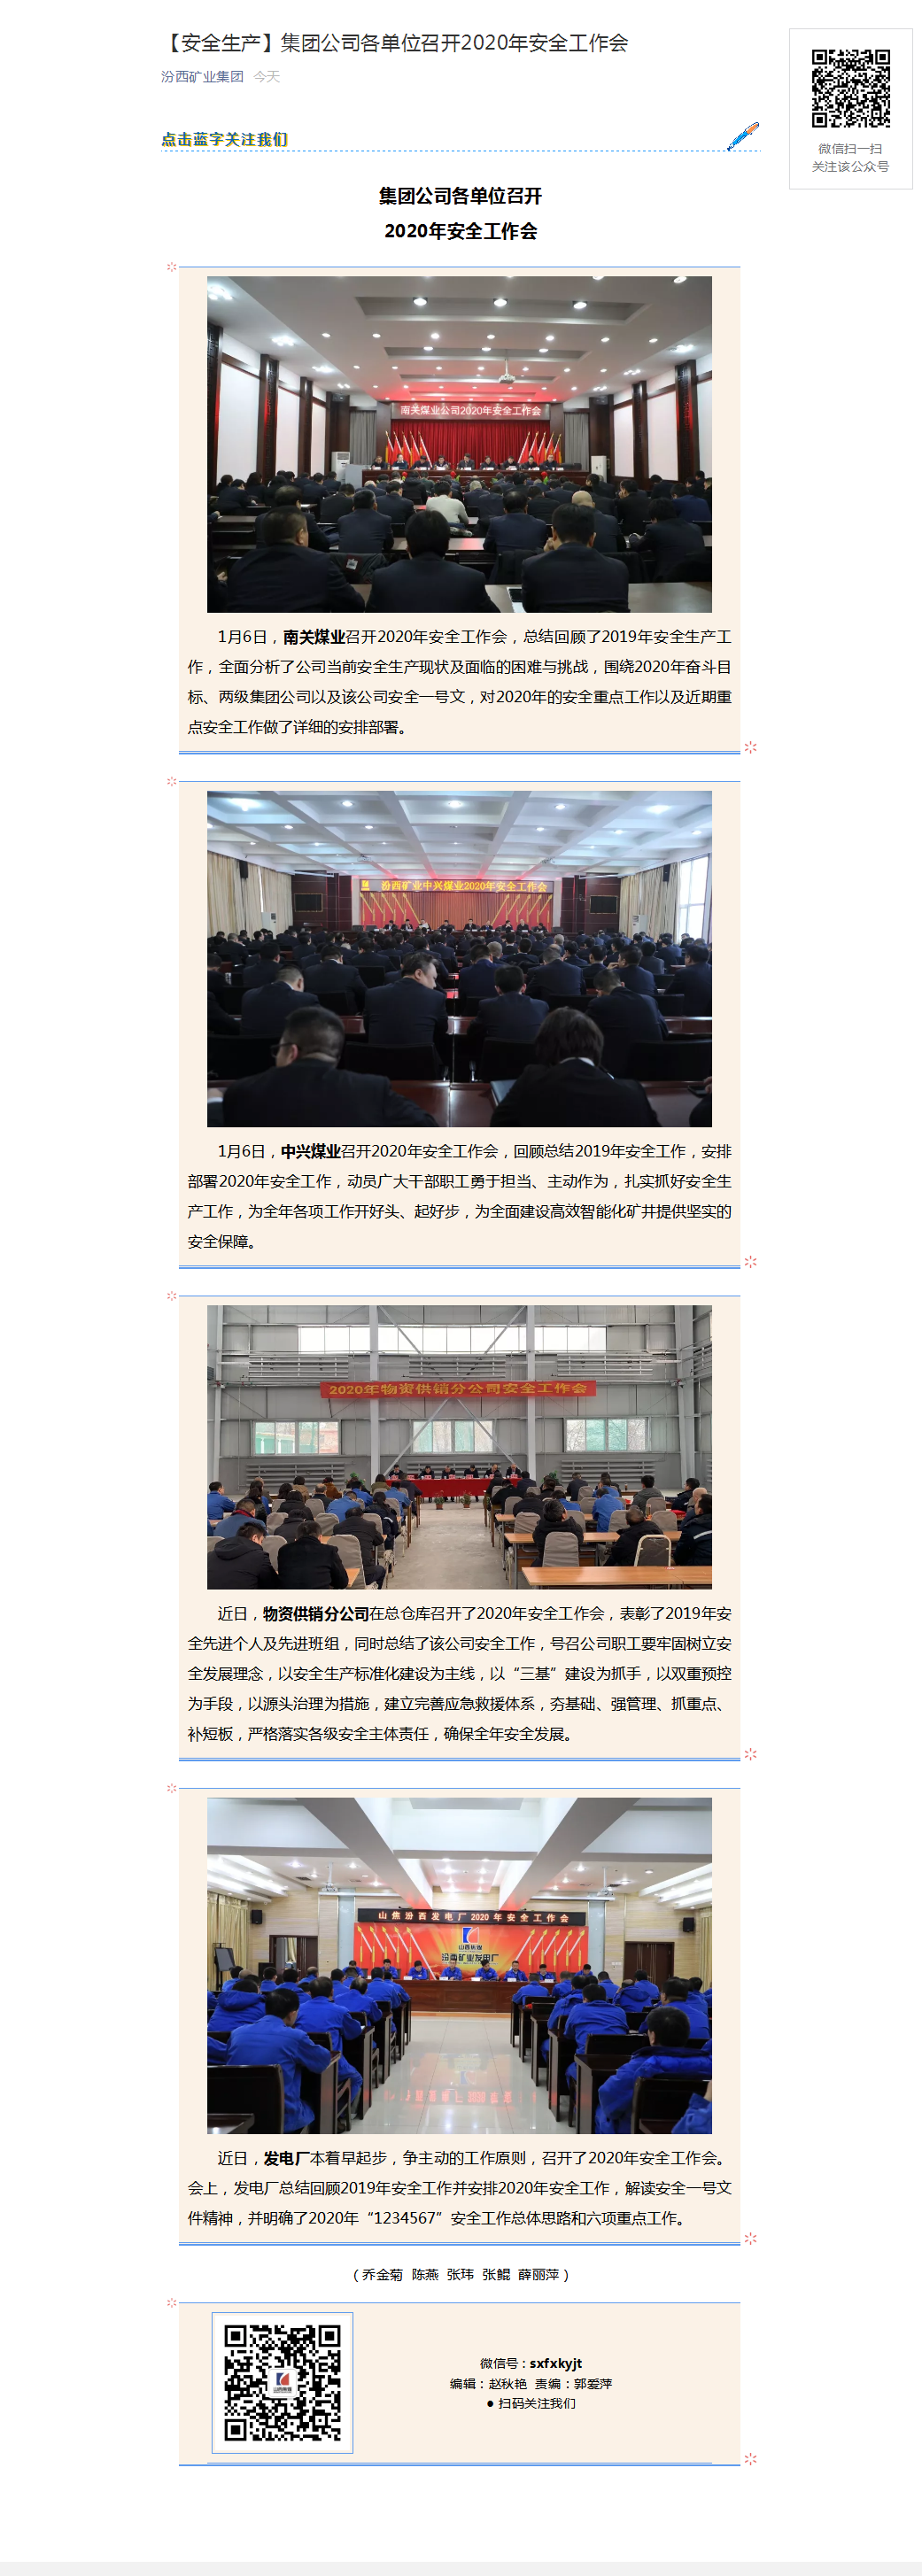 【安全生产】集团公司各单位召开2020年安全工作会.png